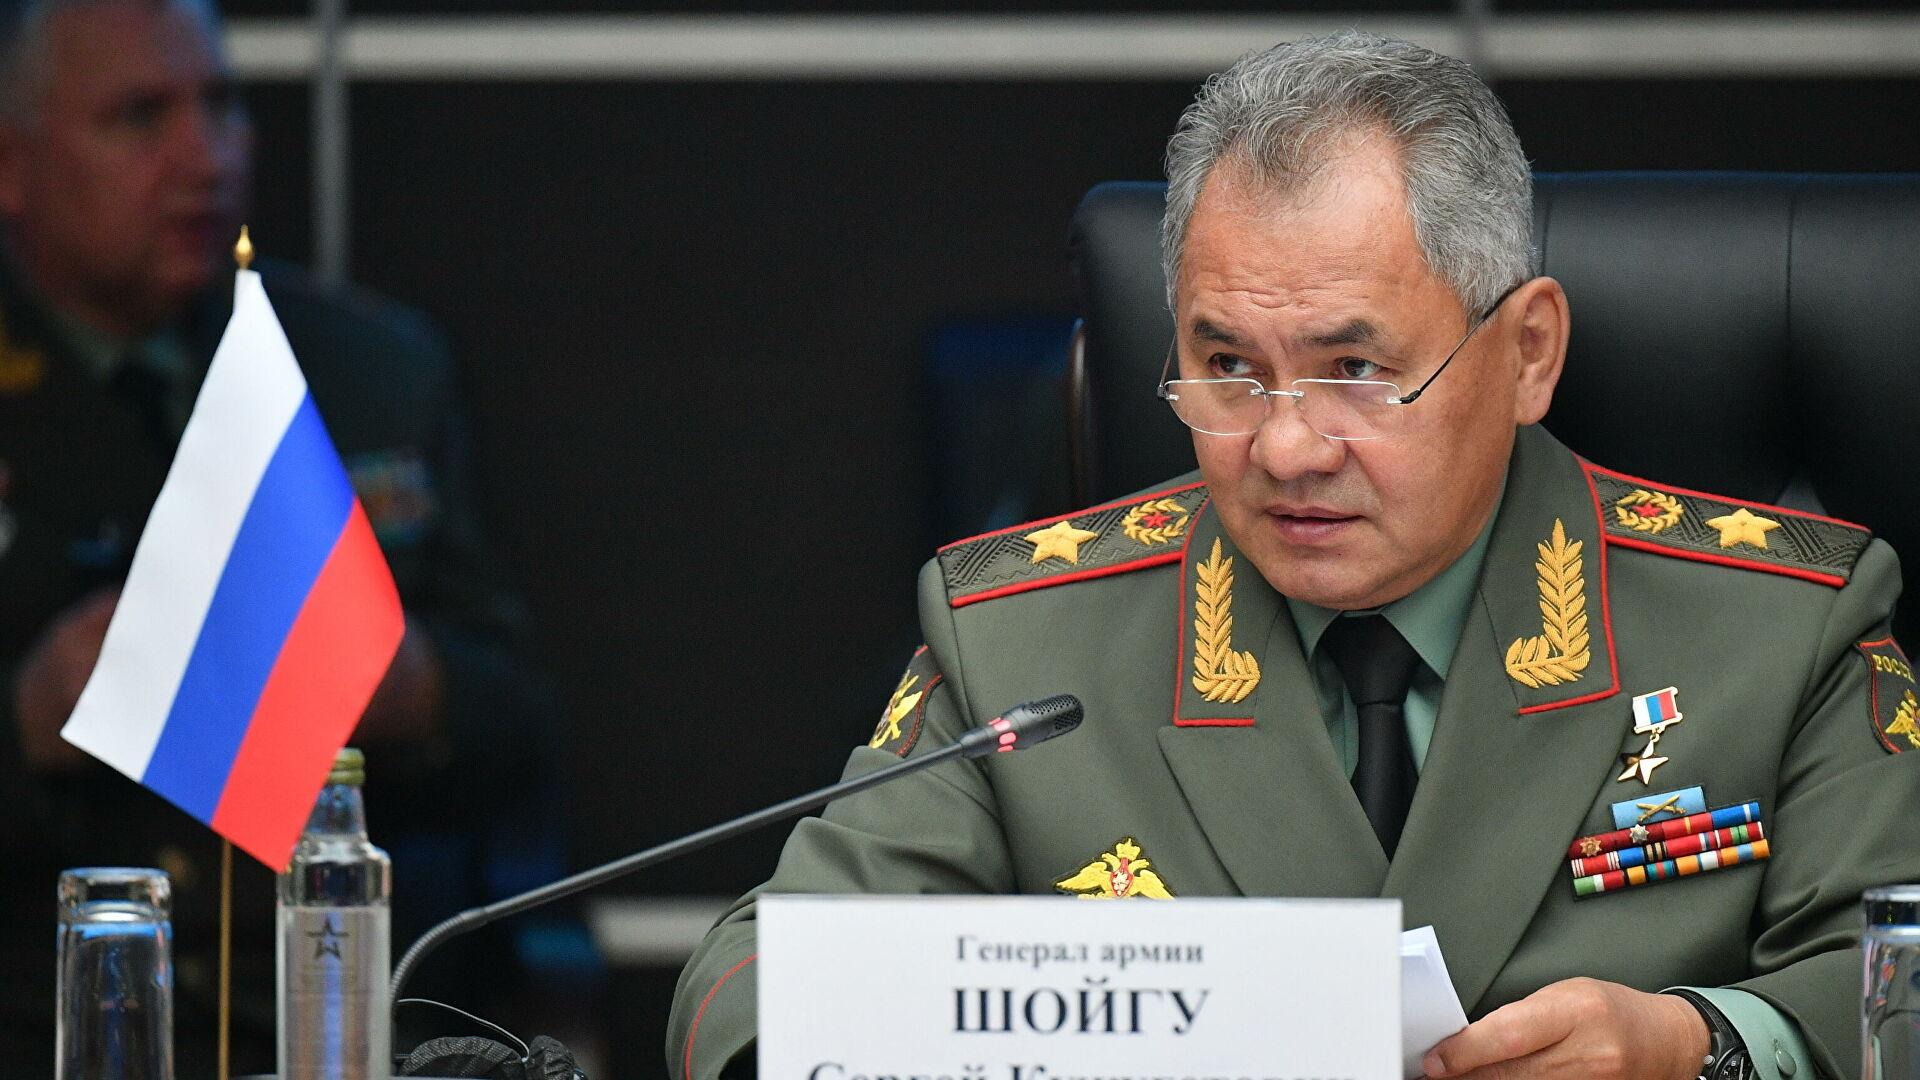 Шојгу: НАТО постао глобални војно-политички савез за обуздавање Русије и Кине